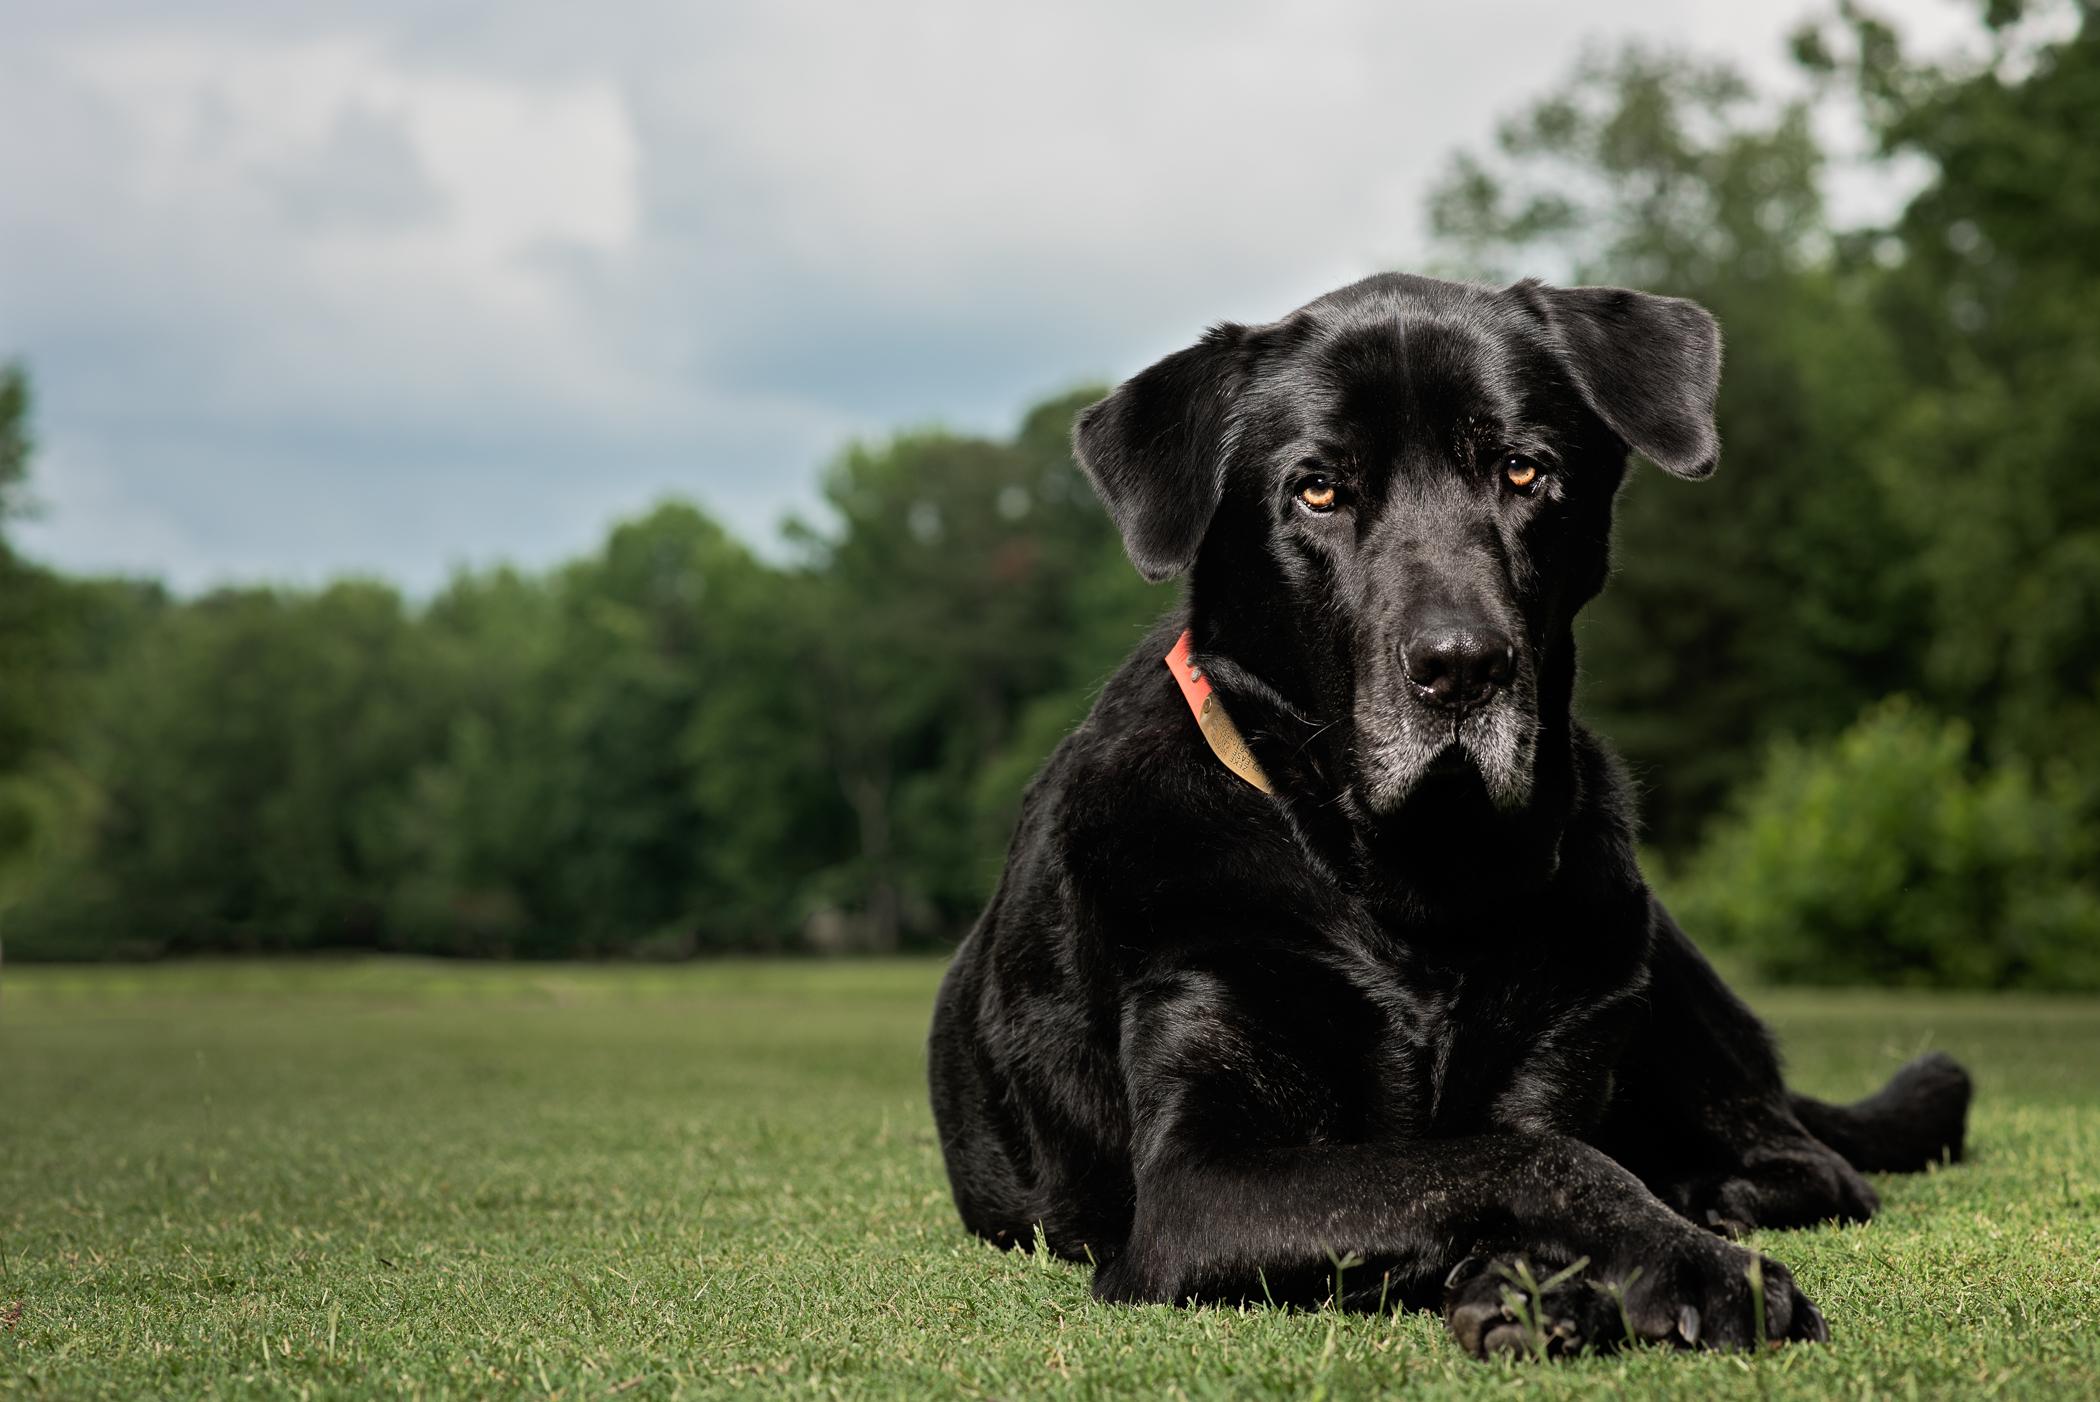 160530_Zeke on the Golf Course II_020.jpg